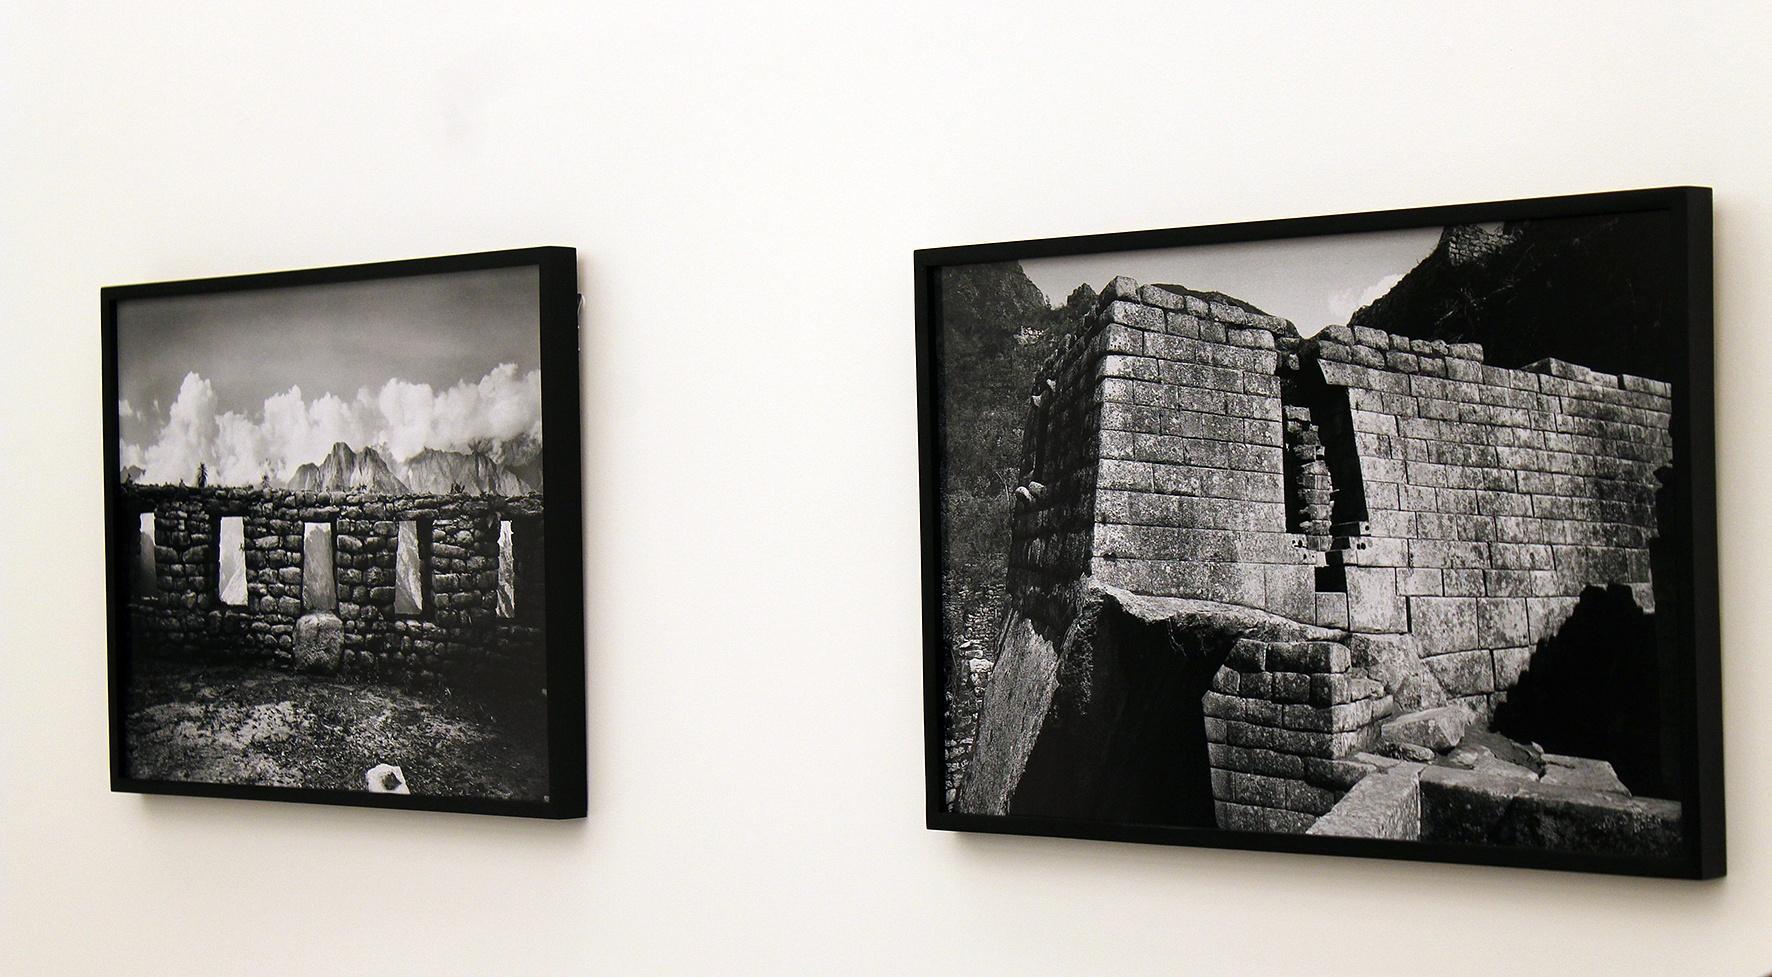 FOLA by Noe Huerta